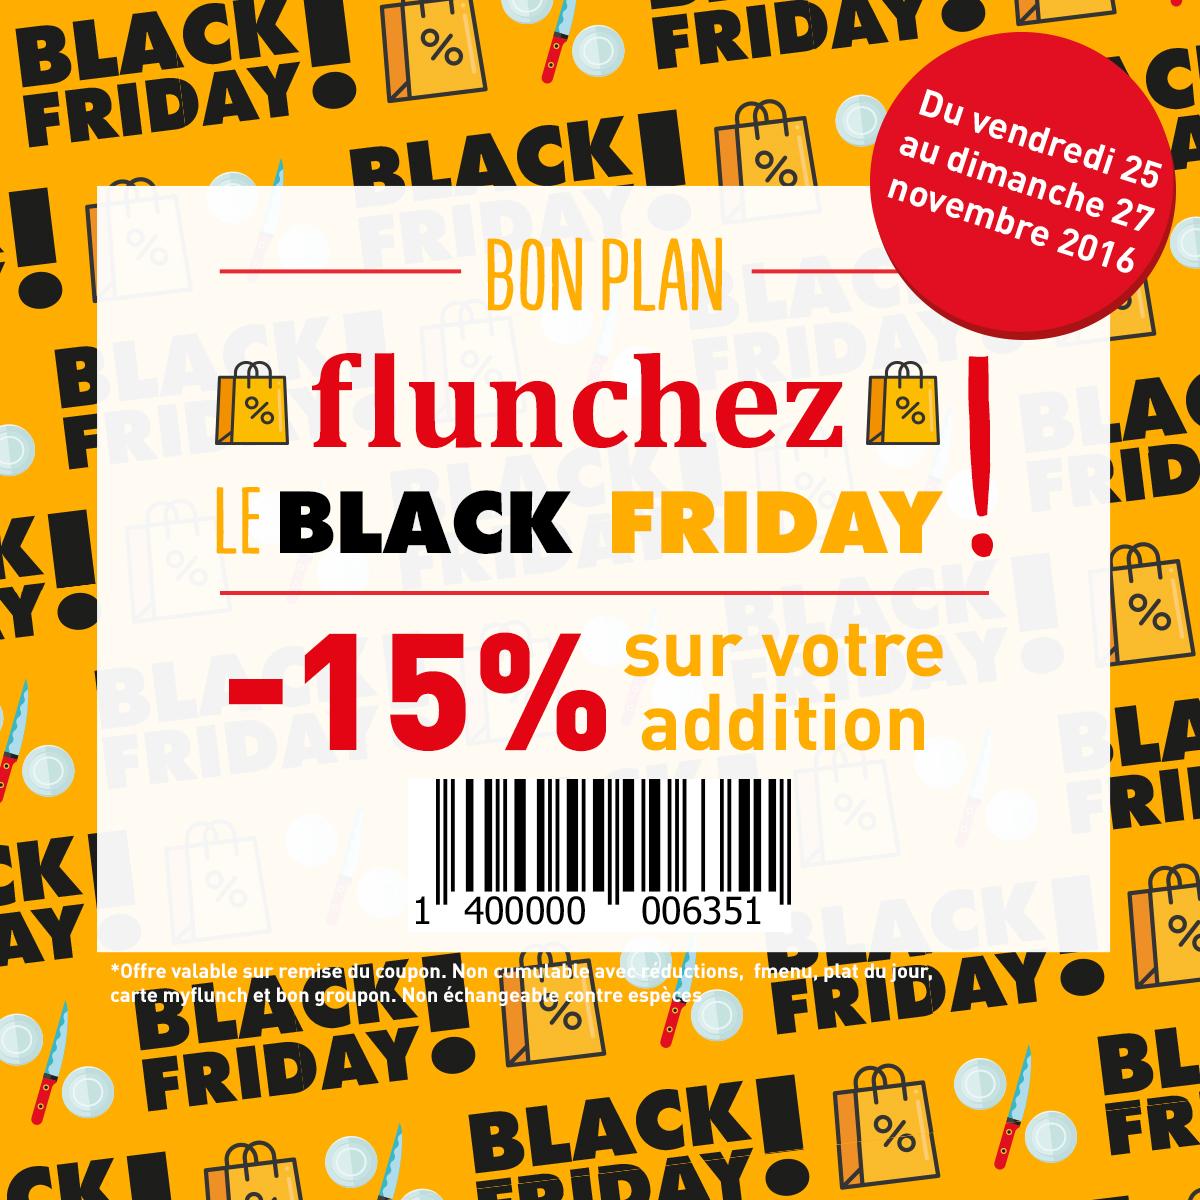 flunch 15 sur l 39 addition du vendredi 25 au dimanche 27 novembre. Black Bedroom Furniture Sets. Home Design Ideas